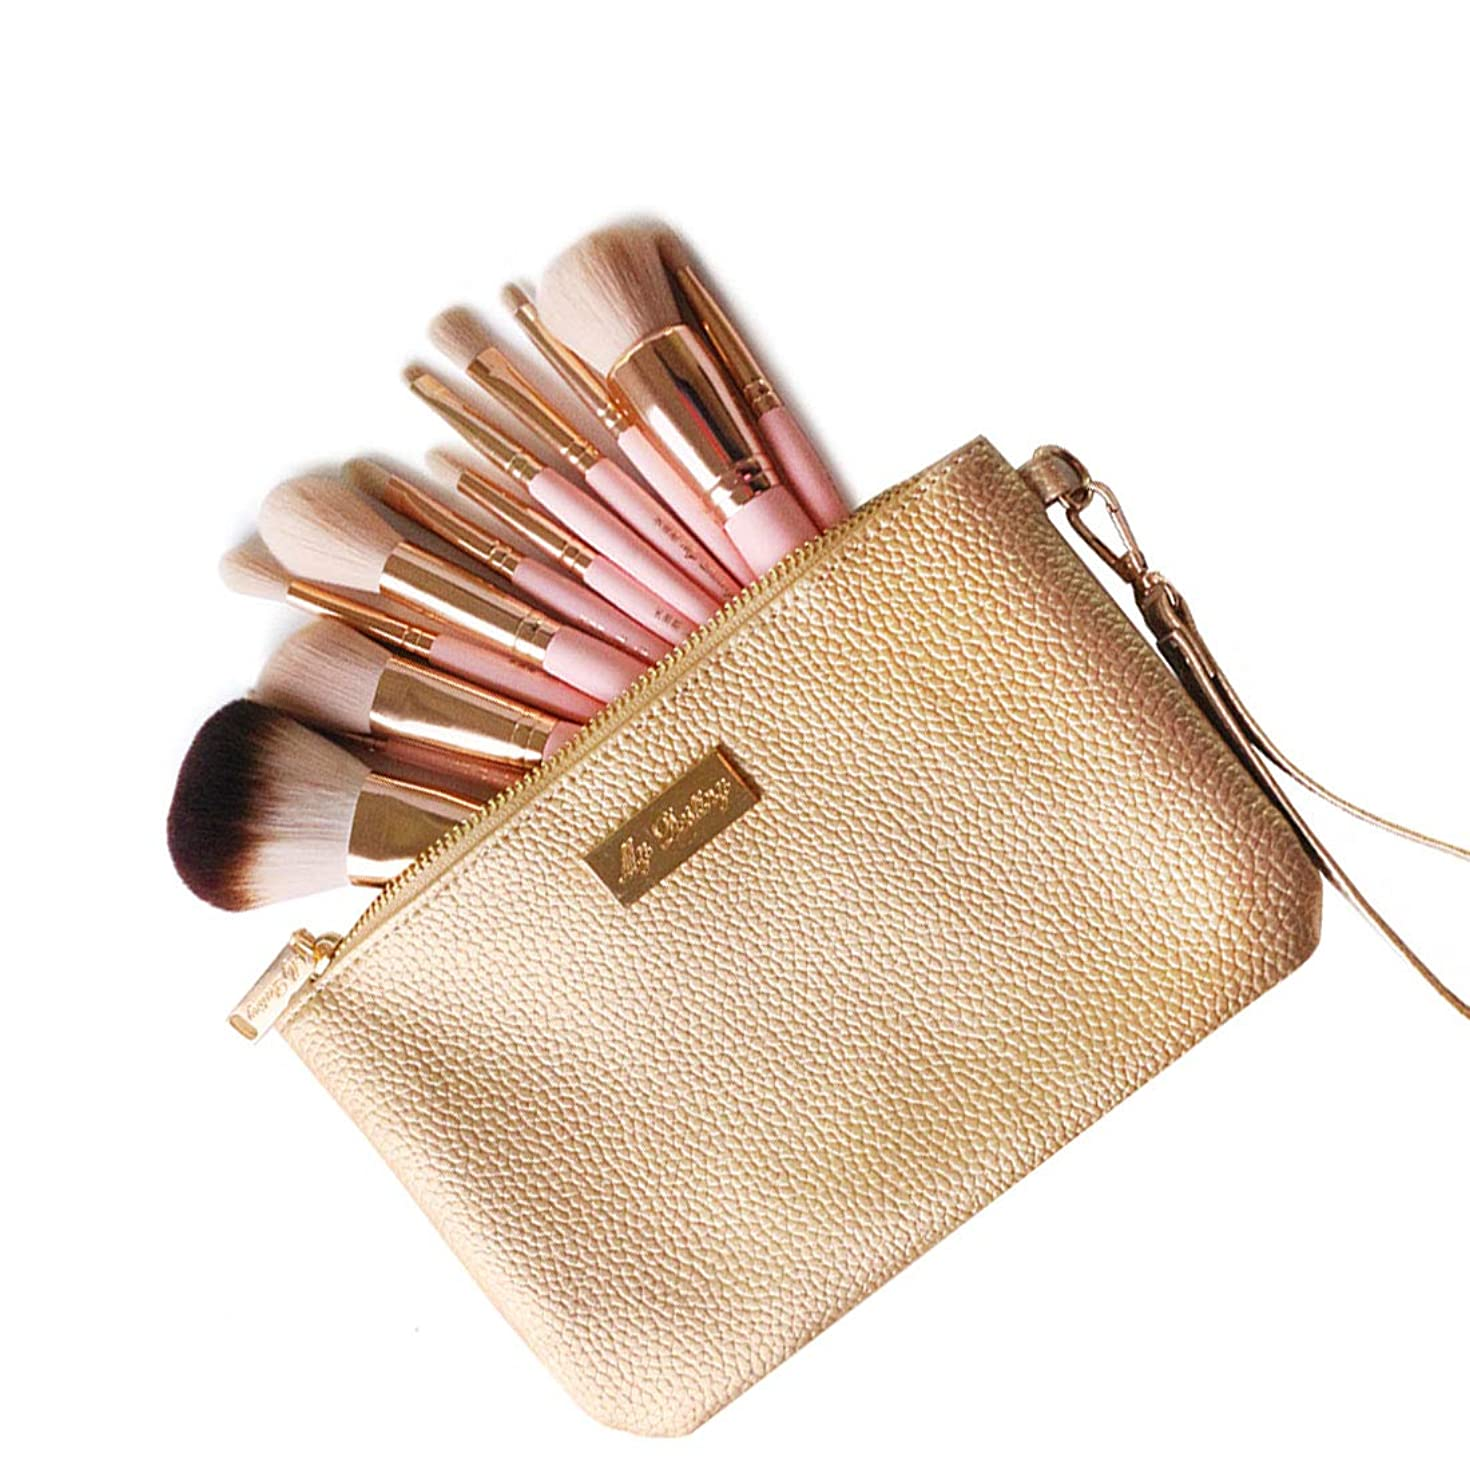 大胆なトランペット無効にする高級化粧ブラシセット 12本セット 超柔らかい メイクブラシセット 人気 化粧道具セット-化粧ポーチ 機能的